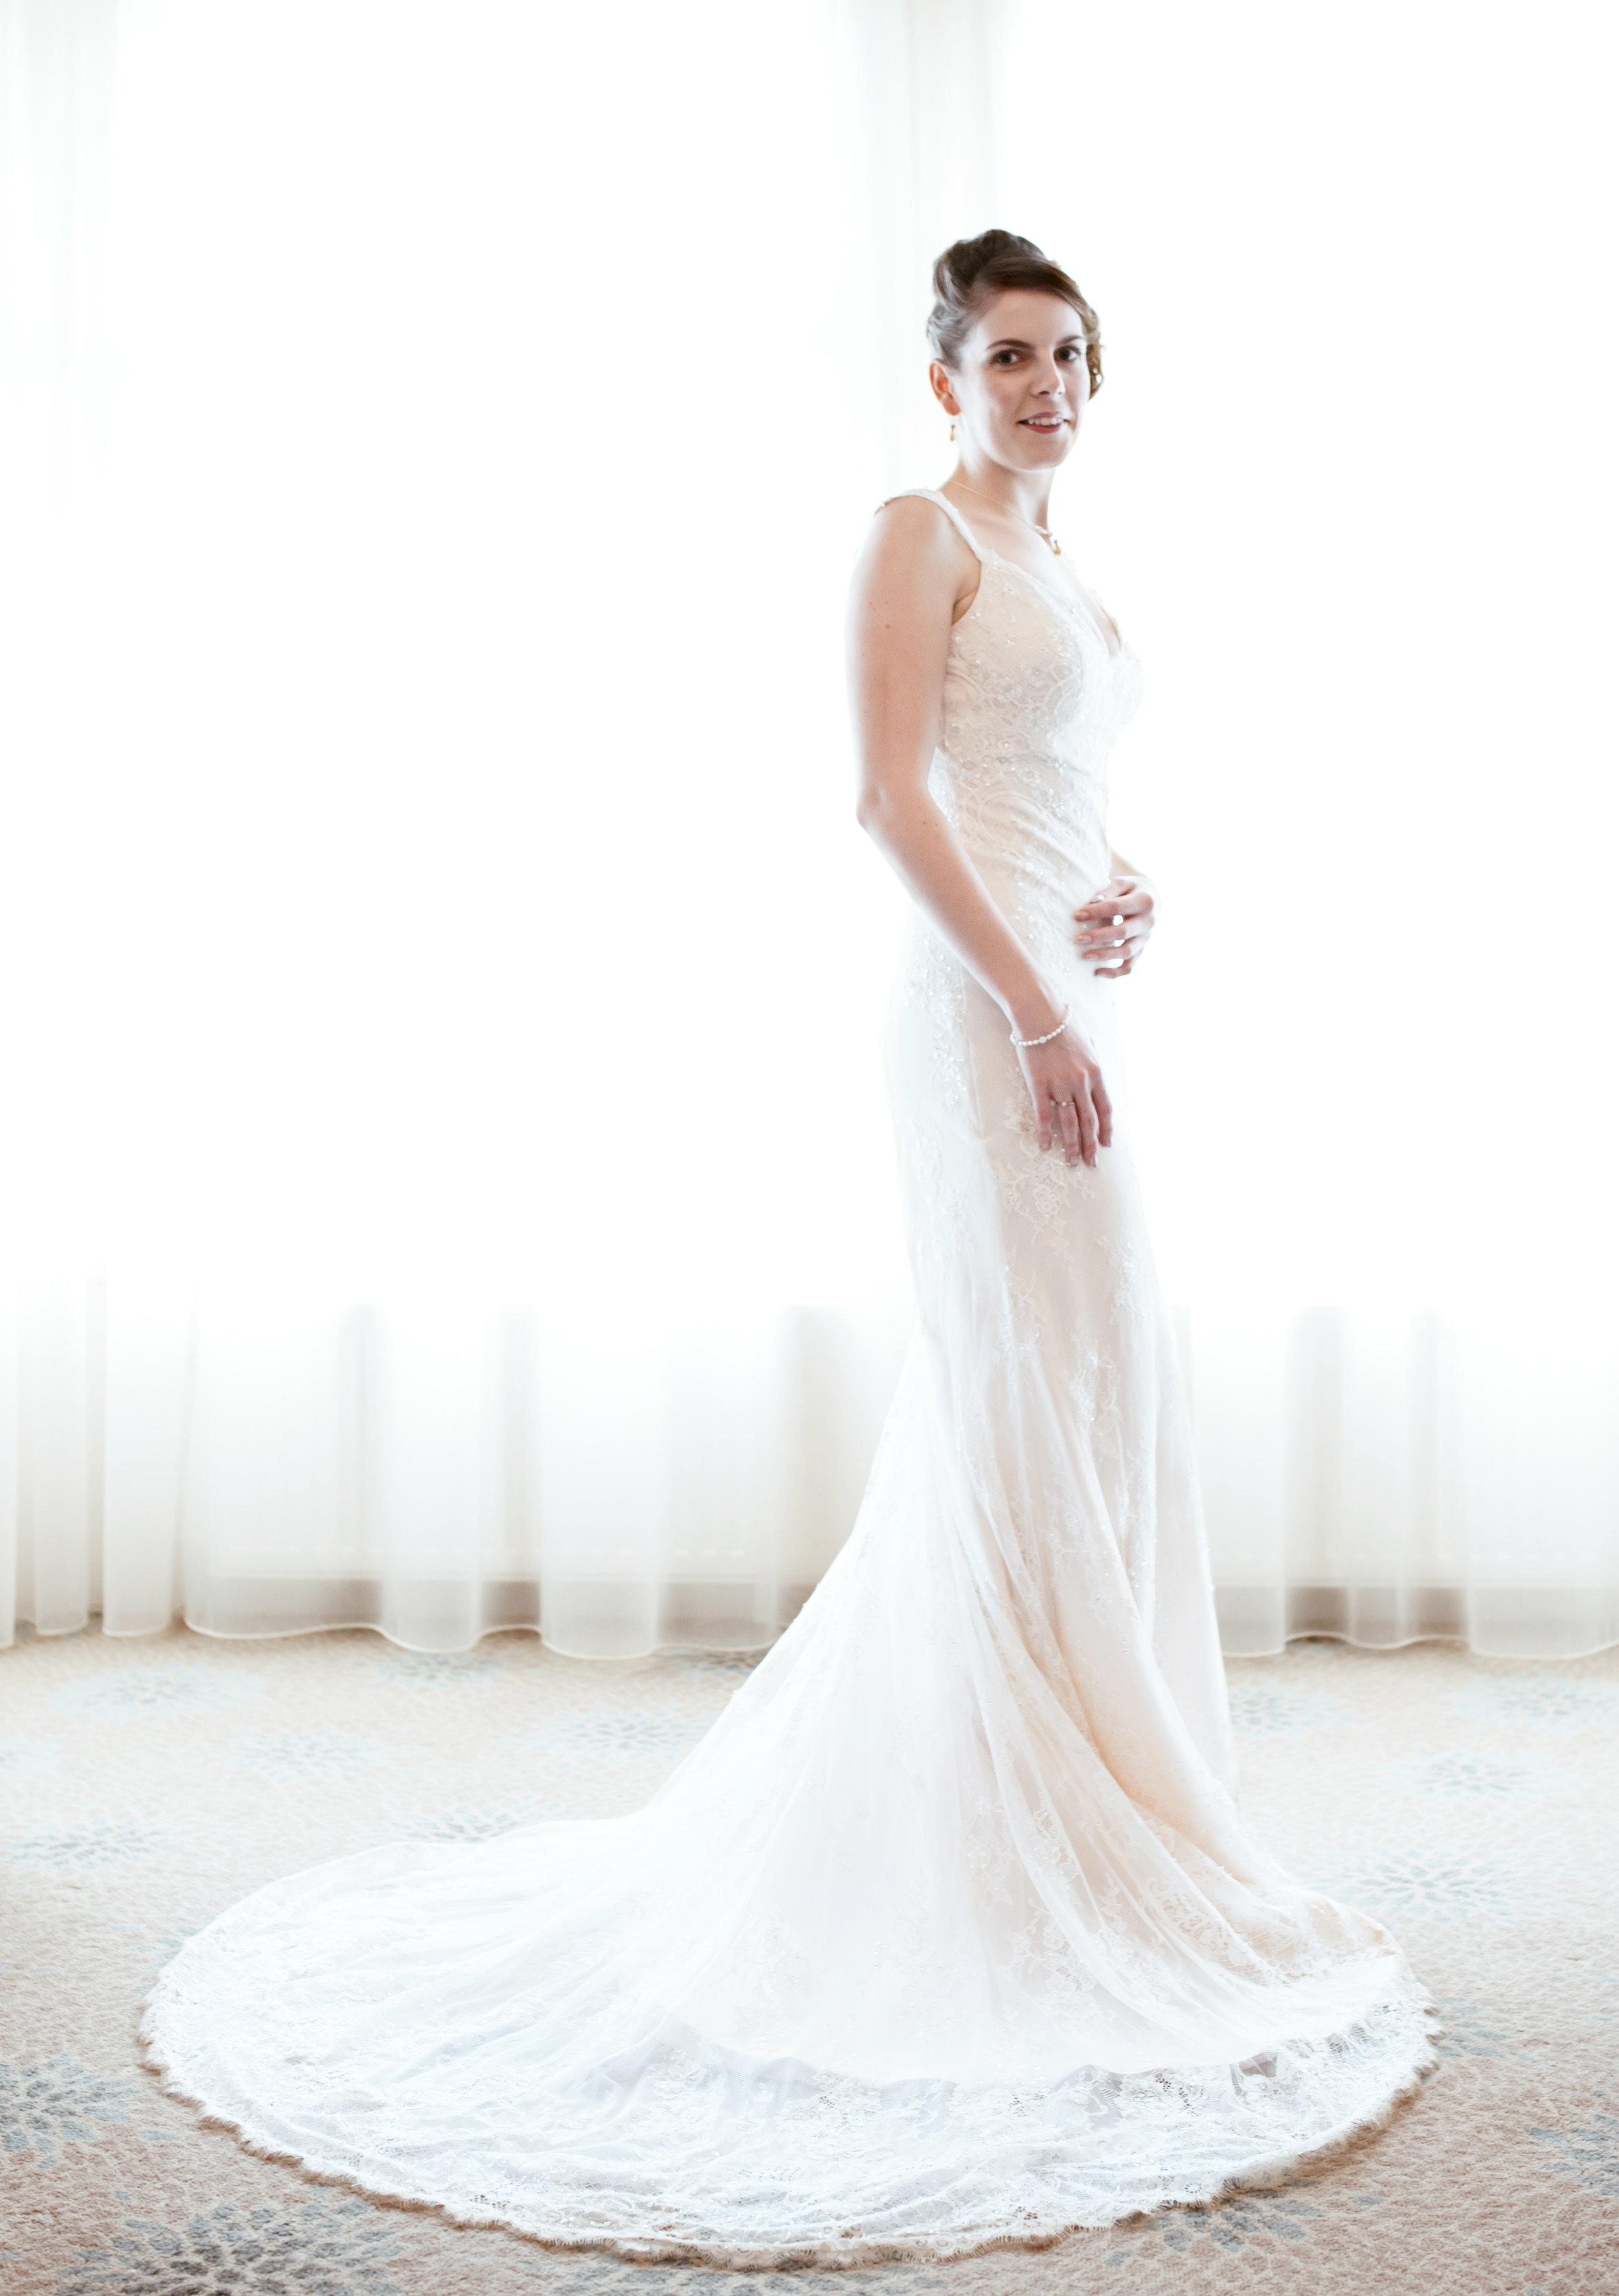 Bridal portrait in window